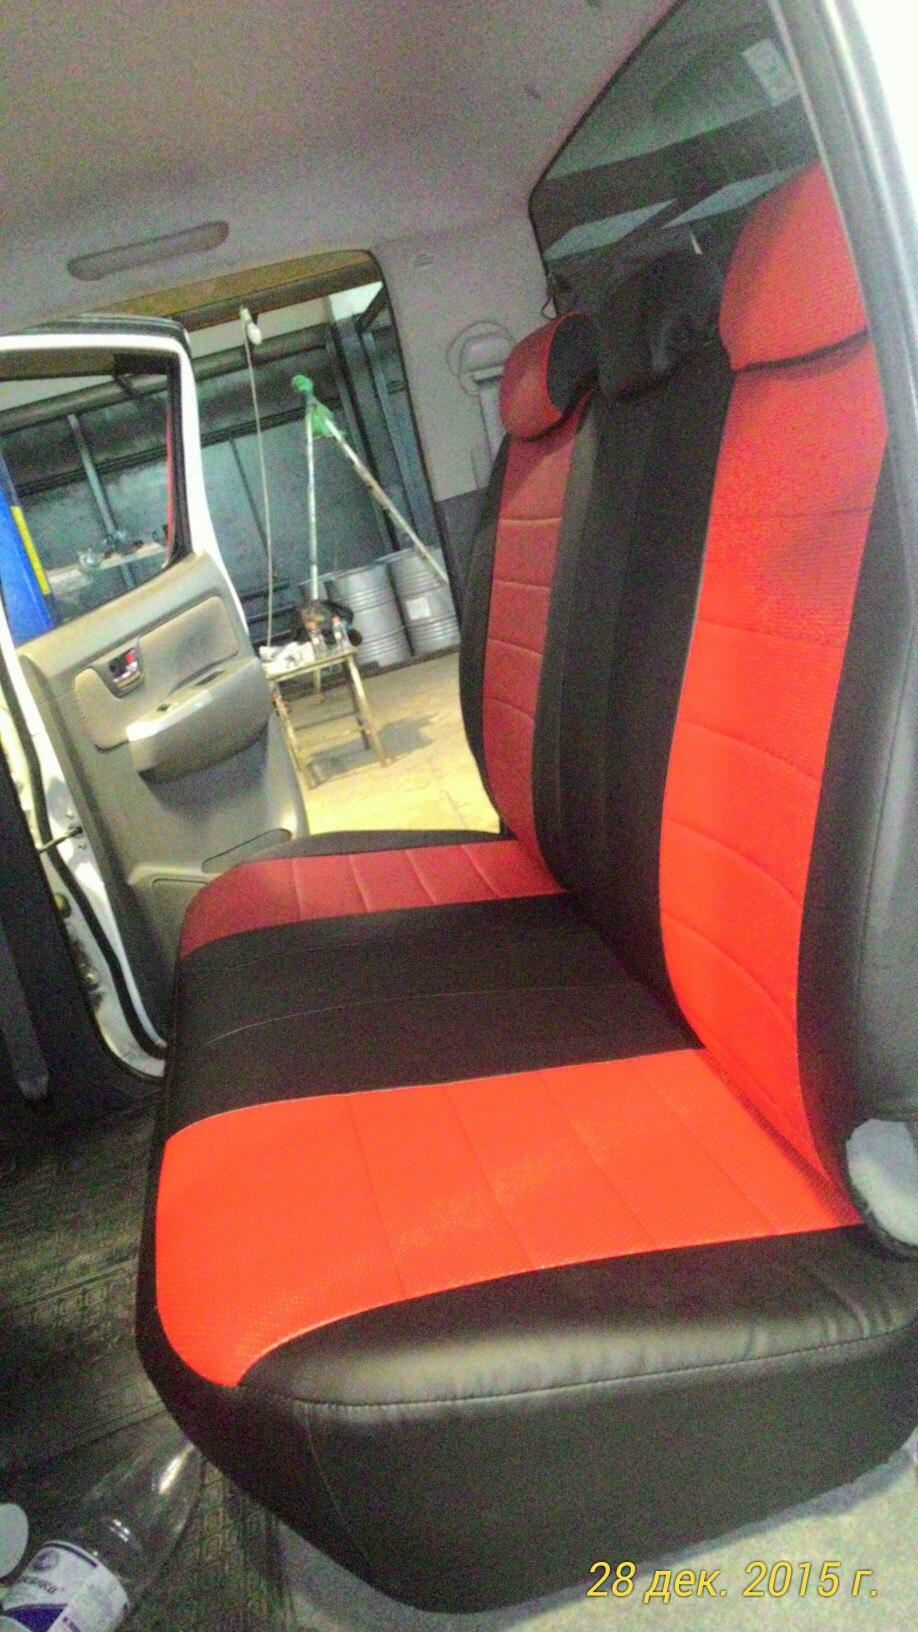 Вязаные чехлы на автомобильные сиденья крючком фото схема